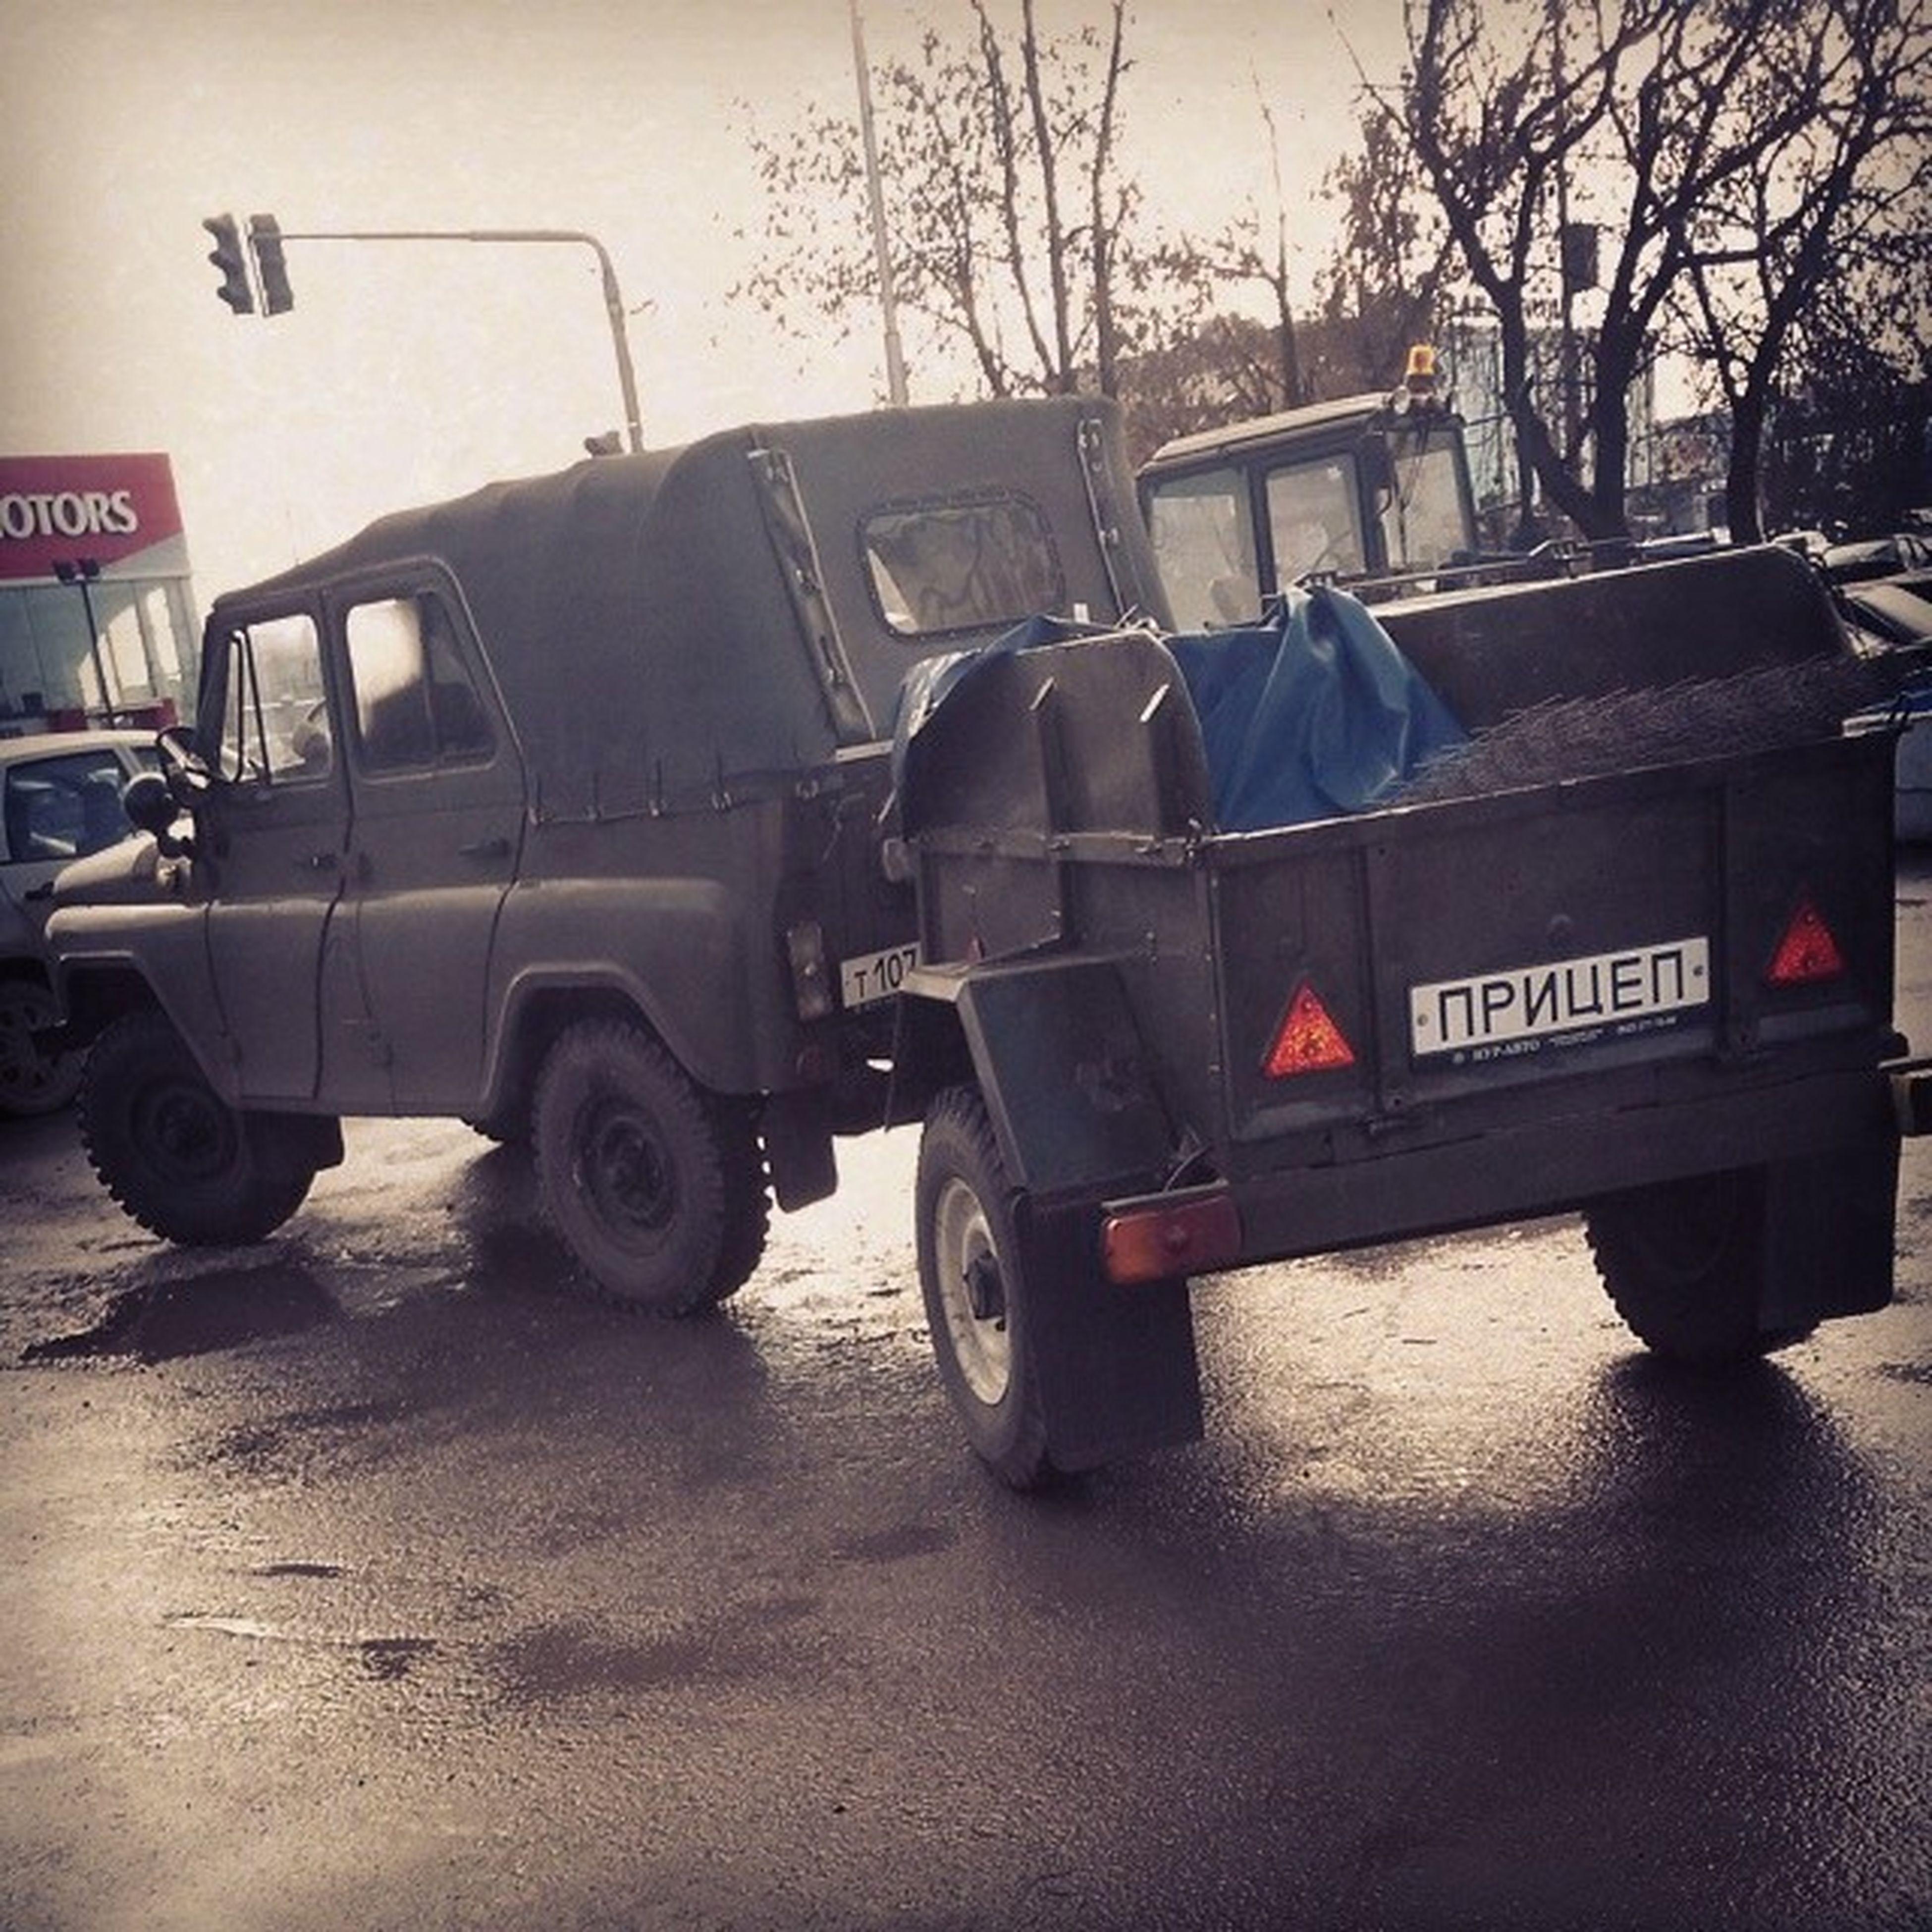 Kznavto уазик С Прицепом )))